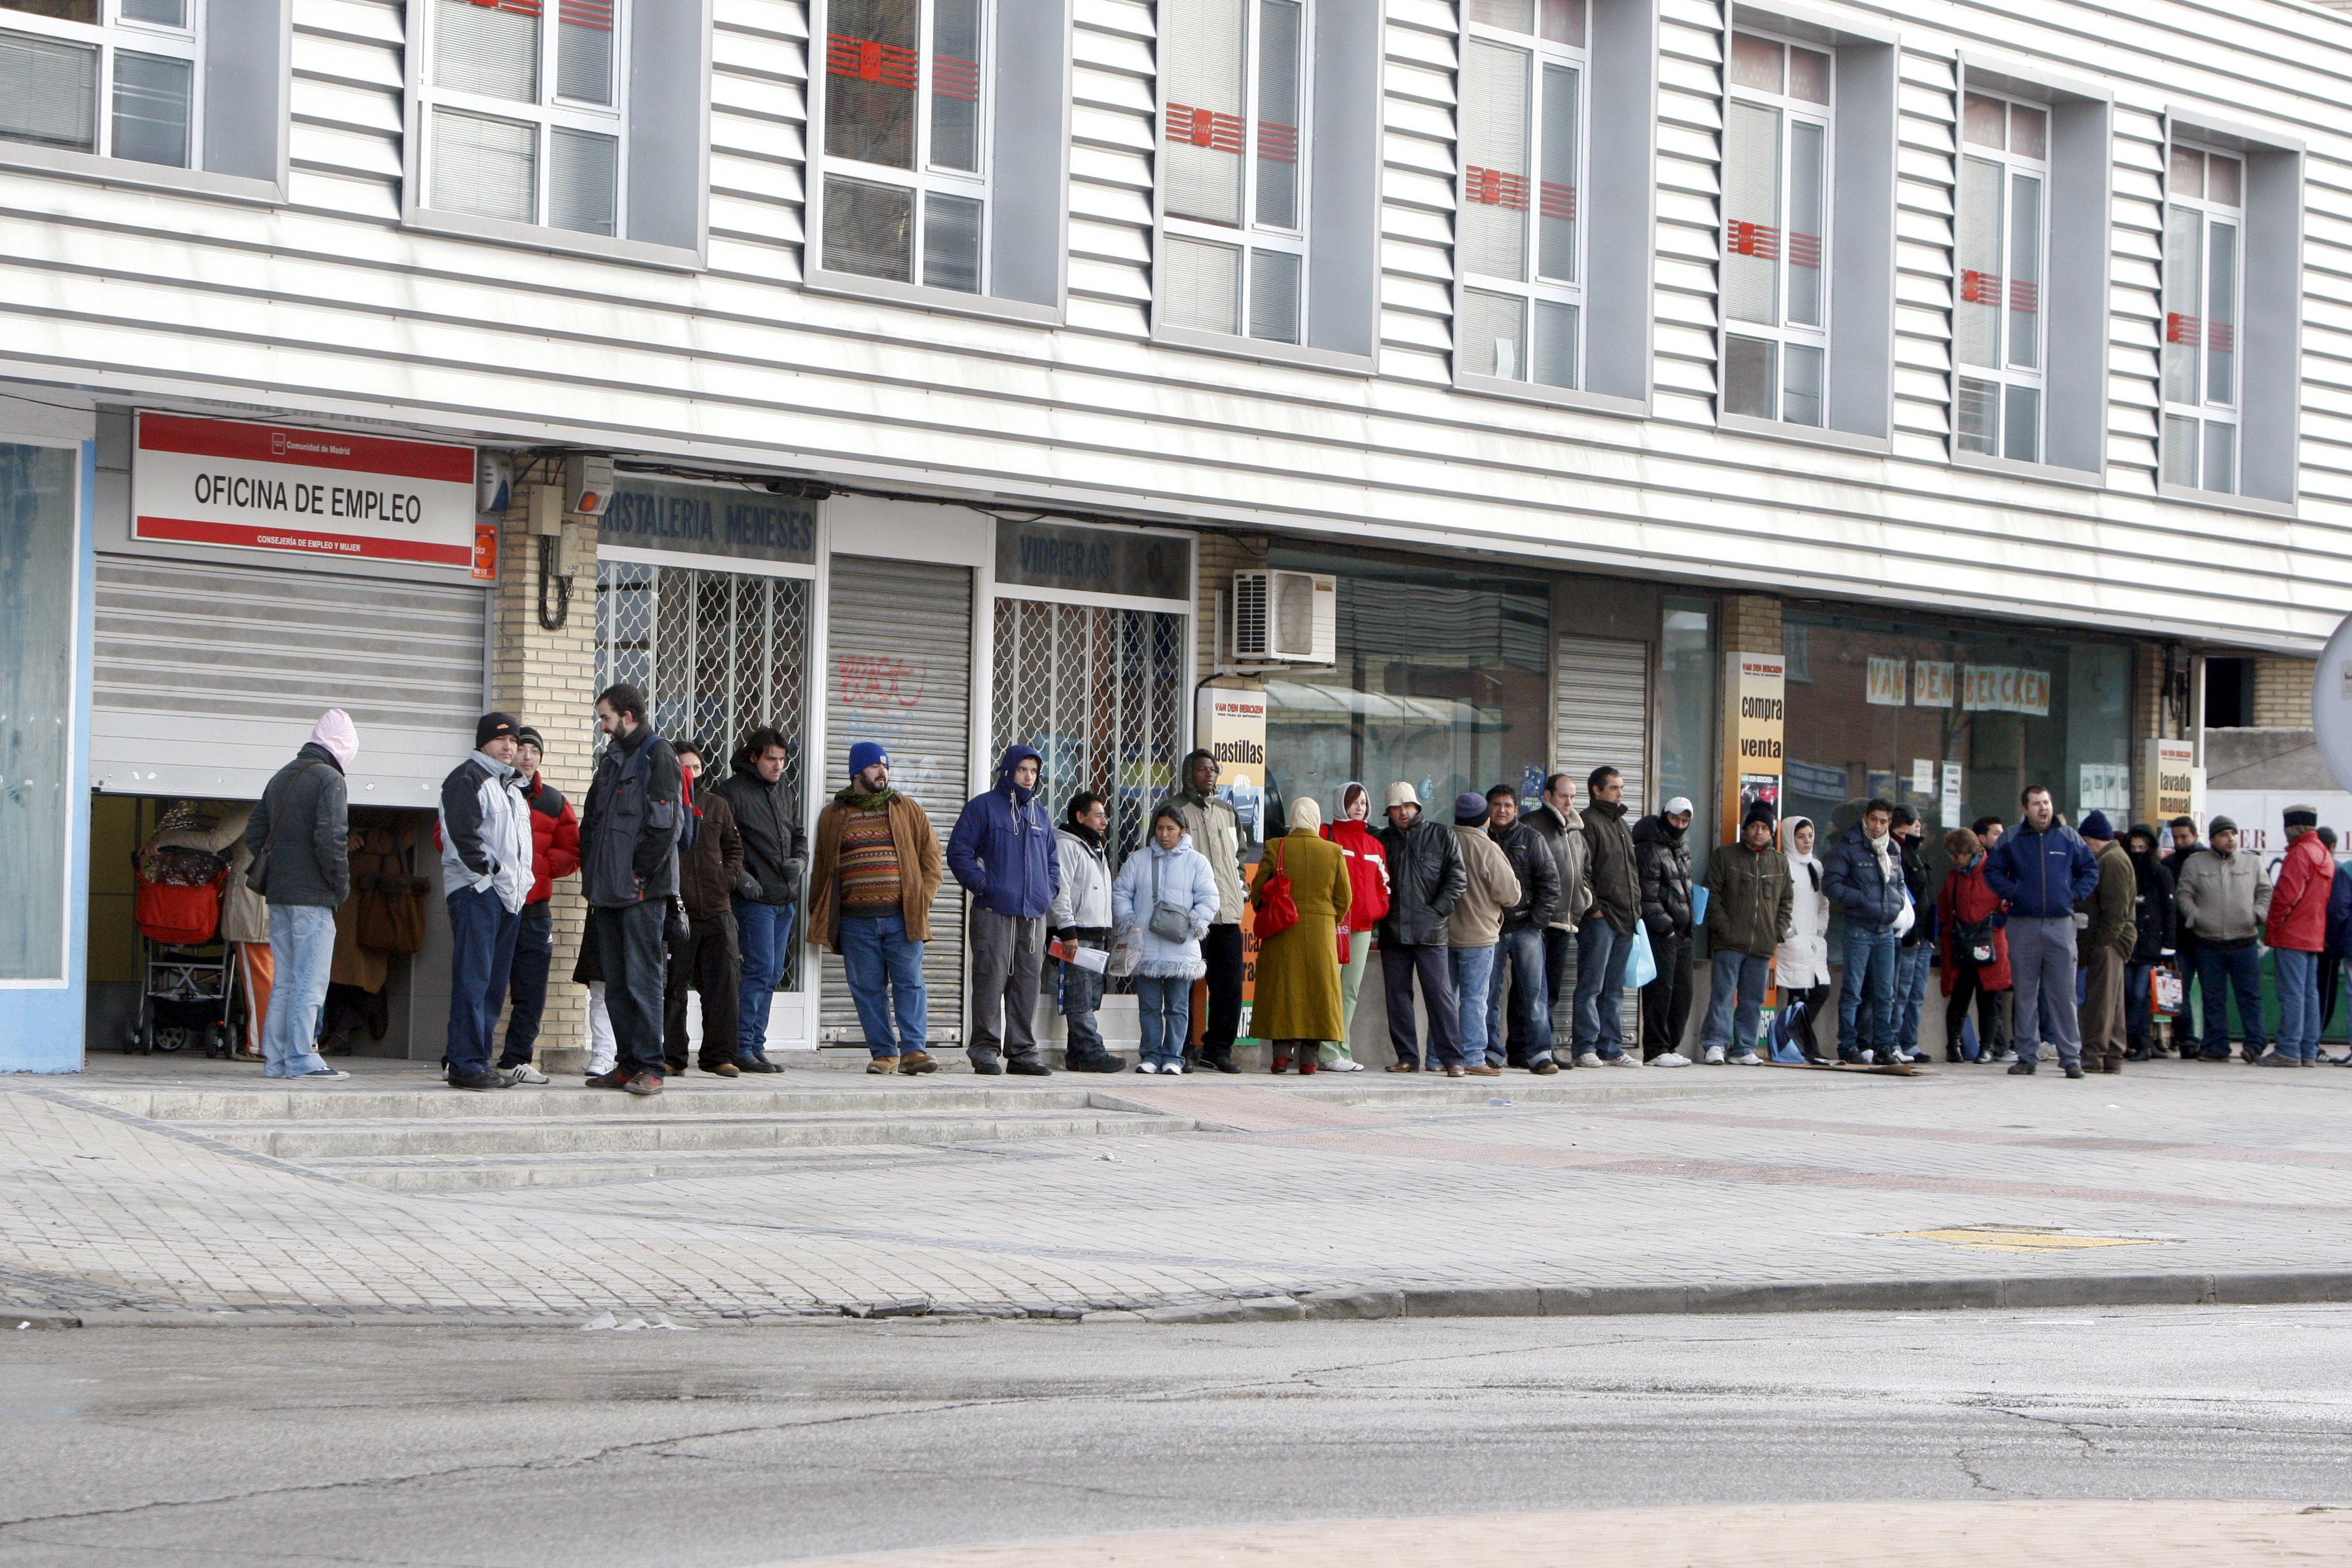 El desempleo de largo plazo se convierte en un problema alarmante en Europa